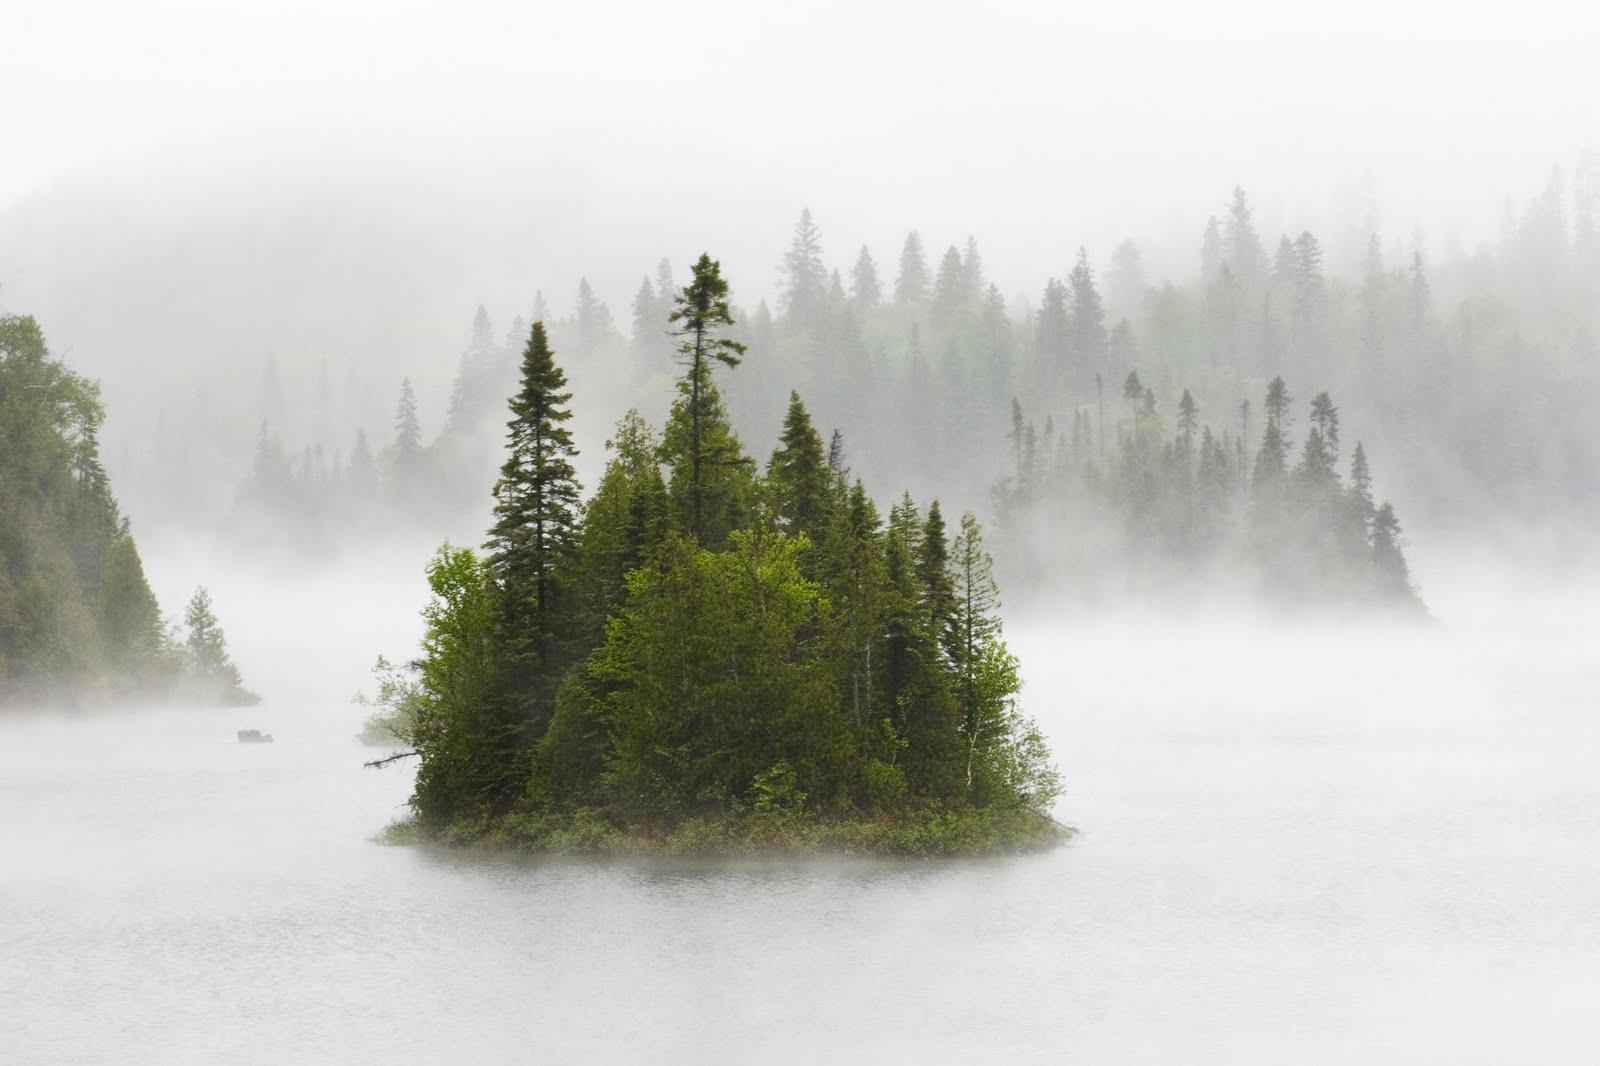 lake wallpaper fog